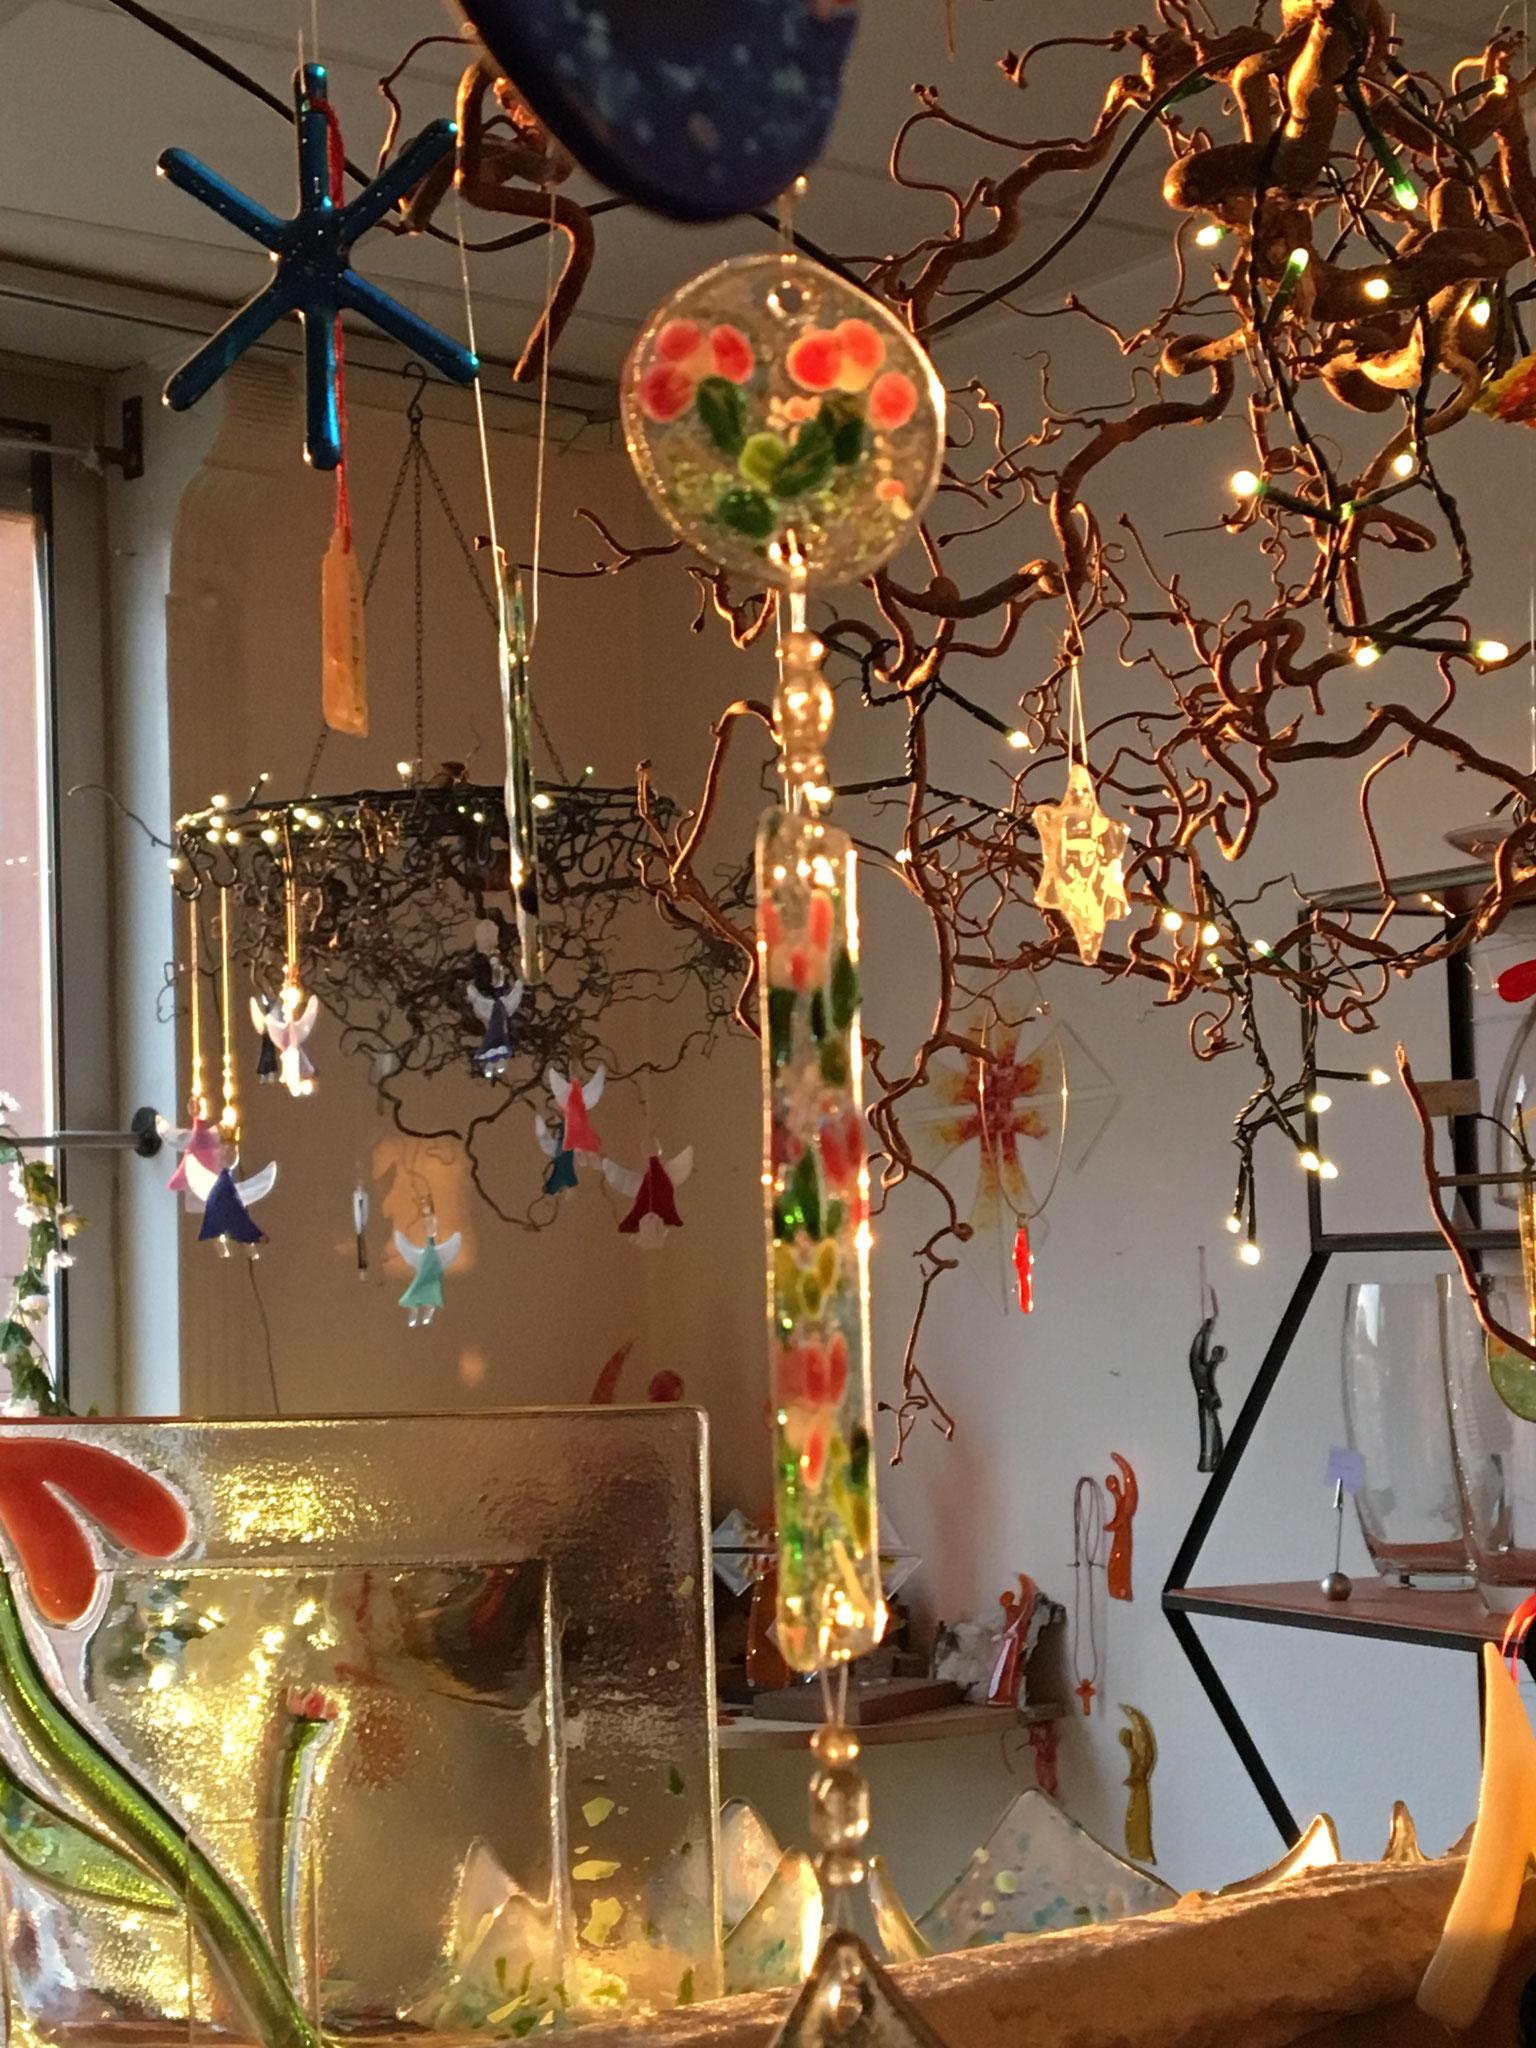 suncatcher mit Glasperlen und schönen Bändern zusammengefügt